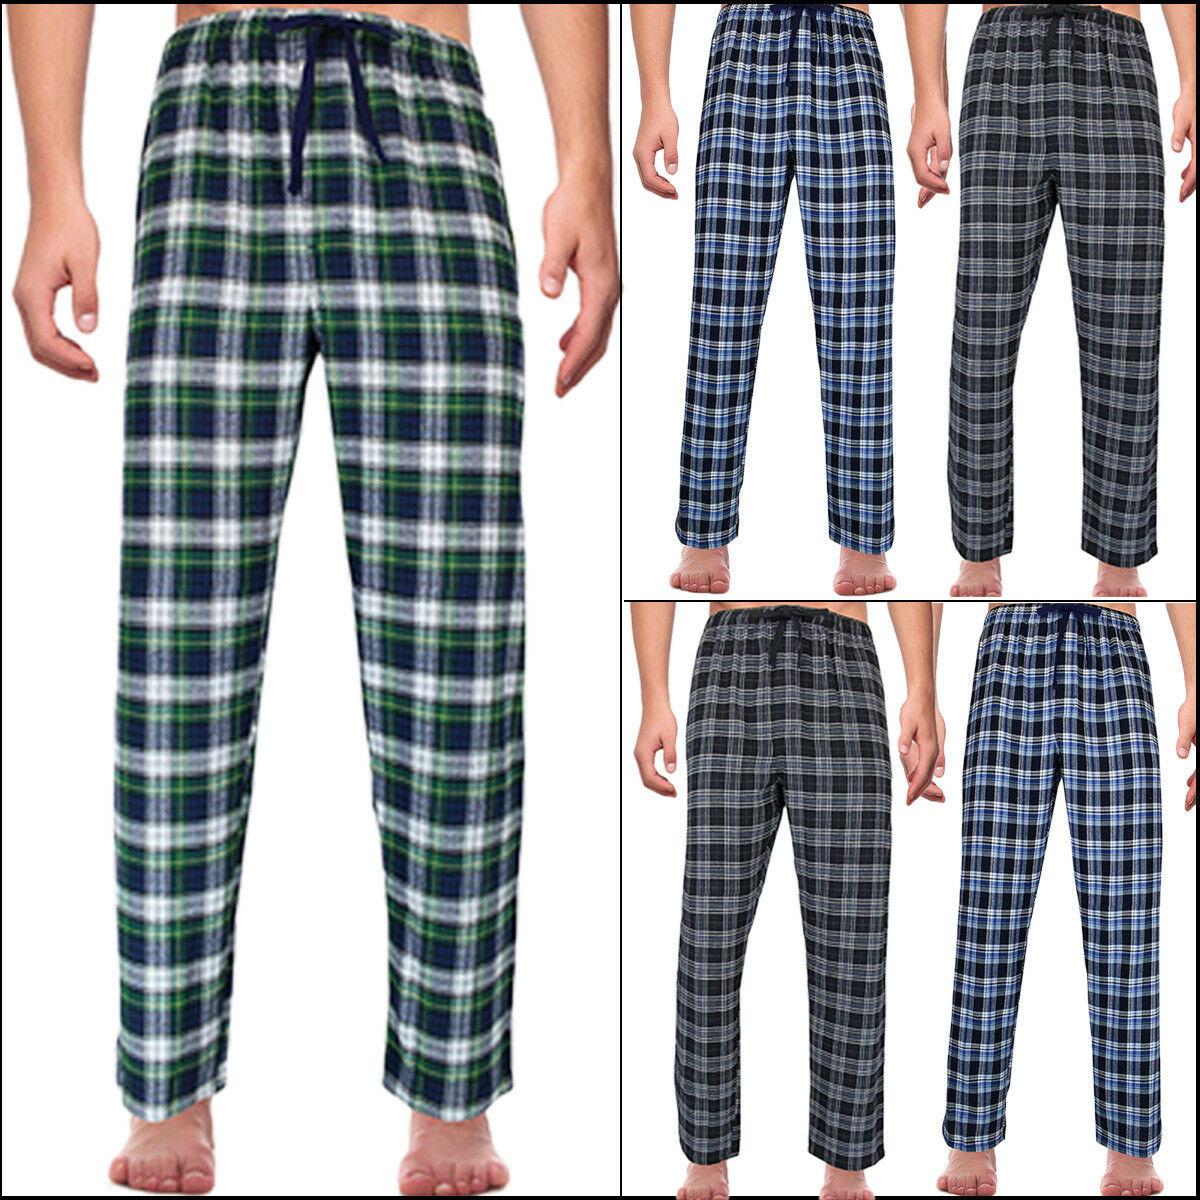 HOT Men/'s Plaid Flannel Lounge//Pajama PJ Pants Size M-2XL Bottoms Casual Pants